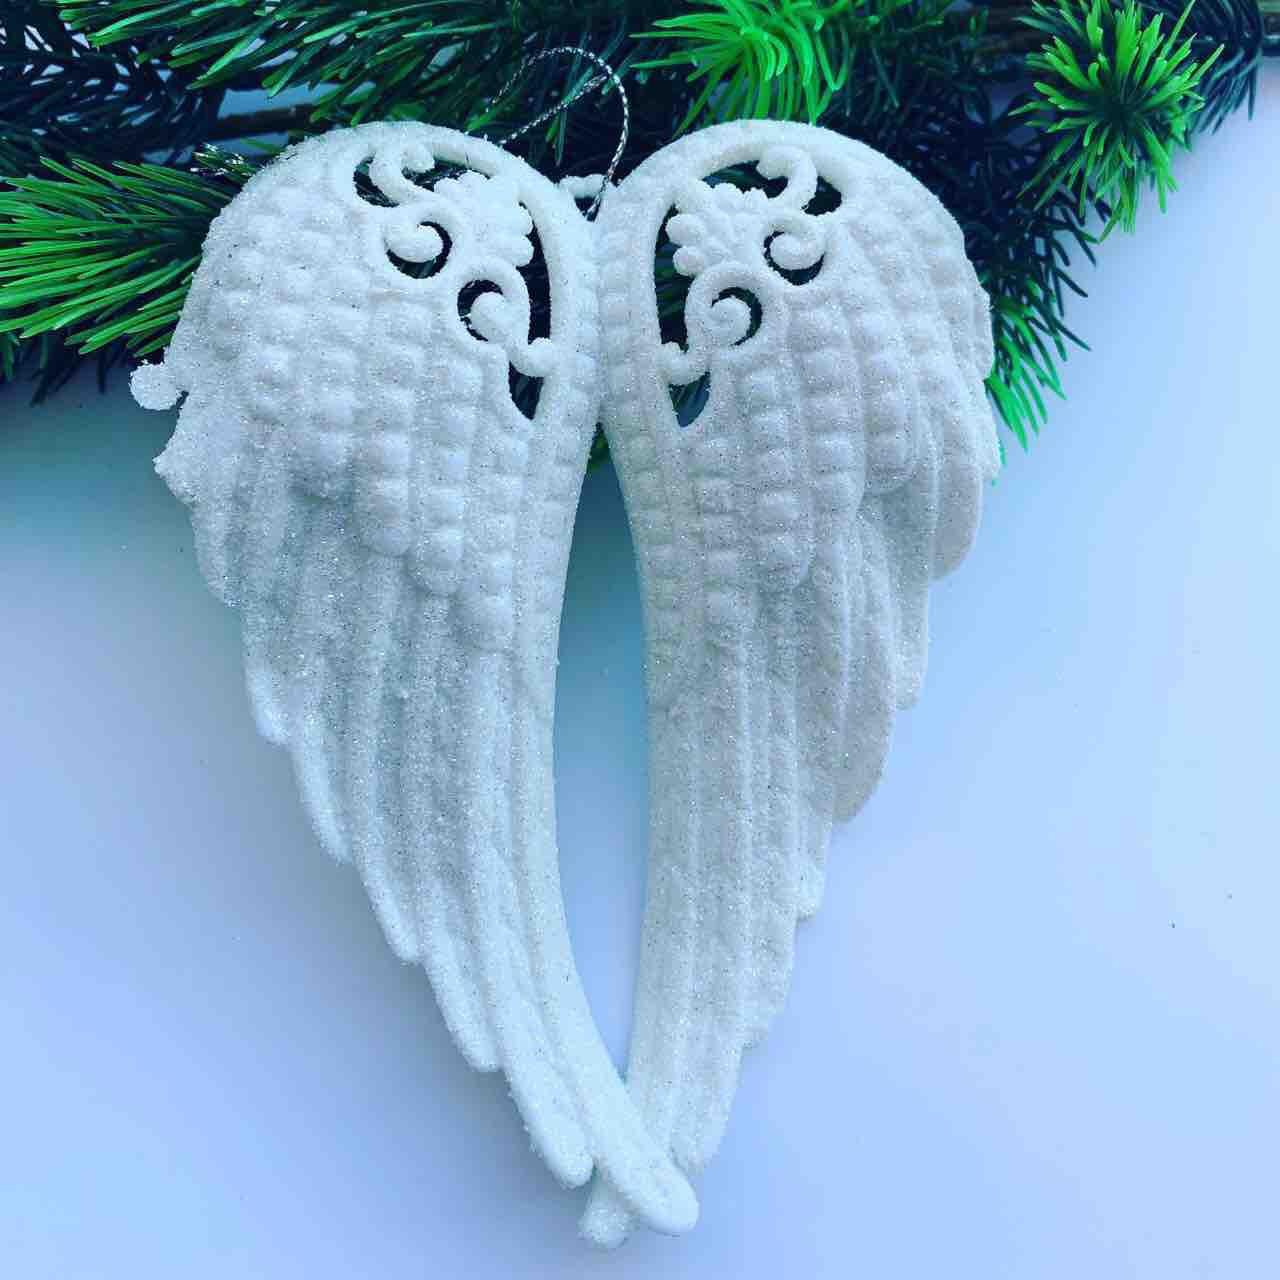 Новогоднее украшение.Елочное украшение-крылья ангела(белые).